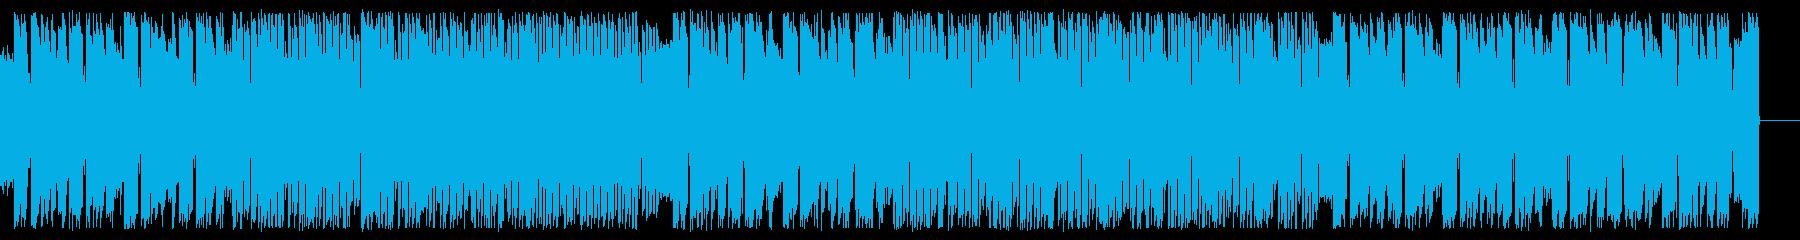 疾走感 ノリノリチップチューン 8bitの再生済みの波形